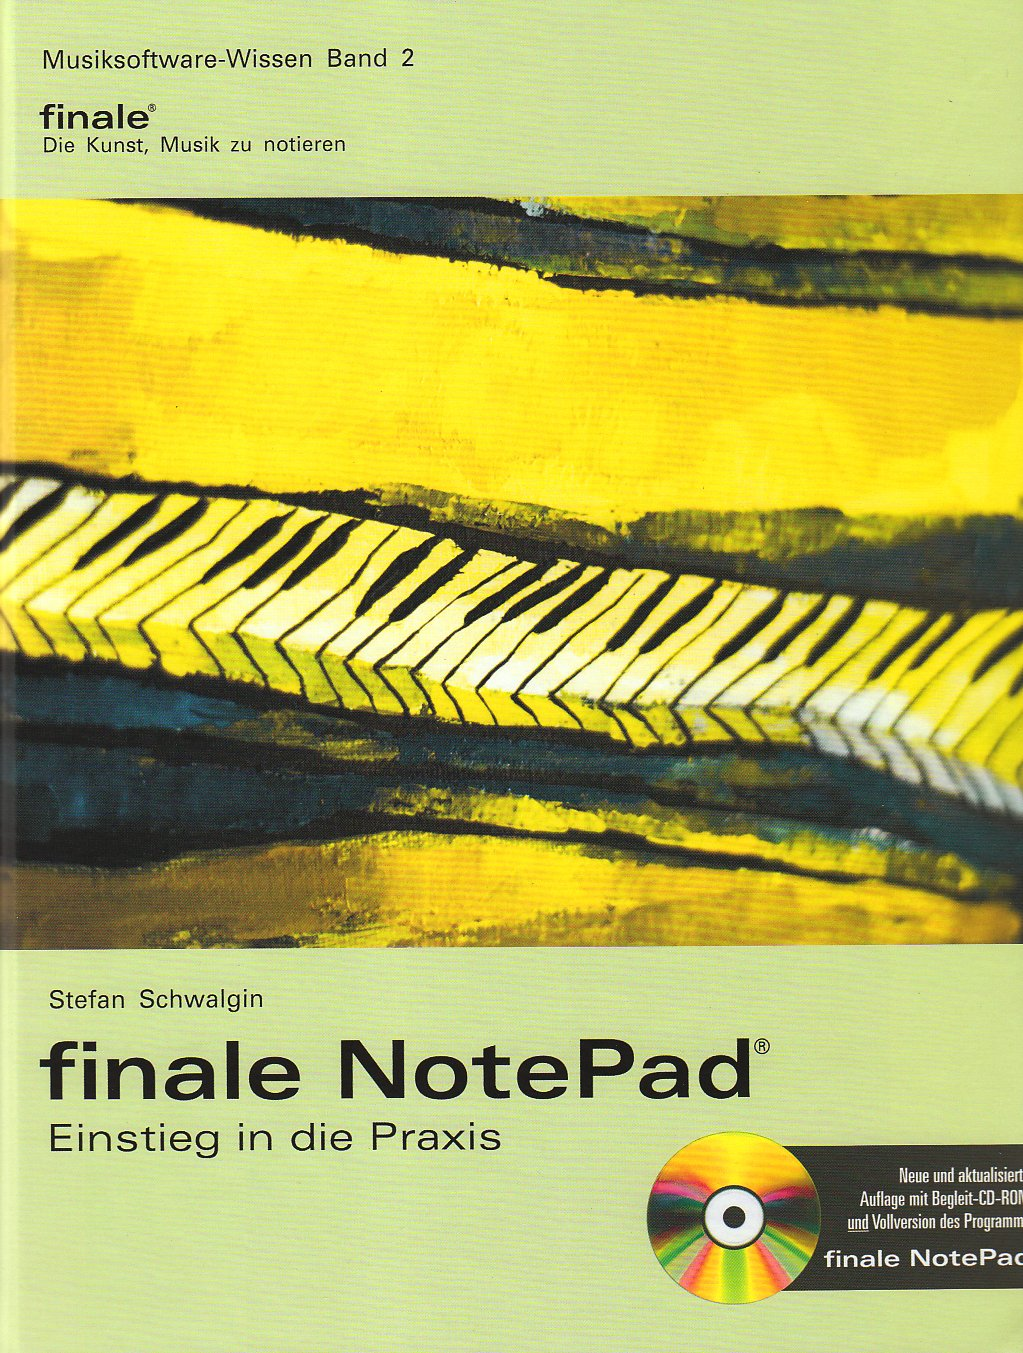 finale-notepad-einstieg-in-die-praxis